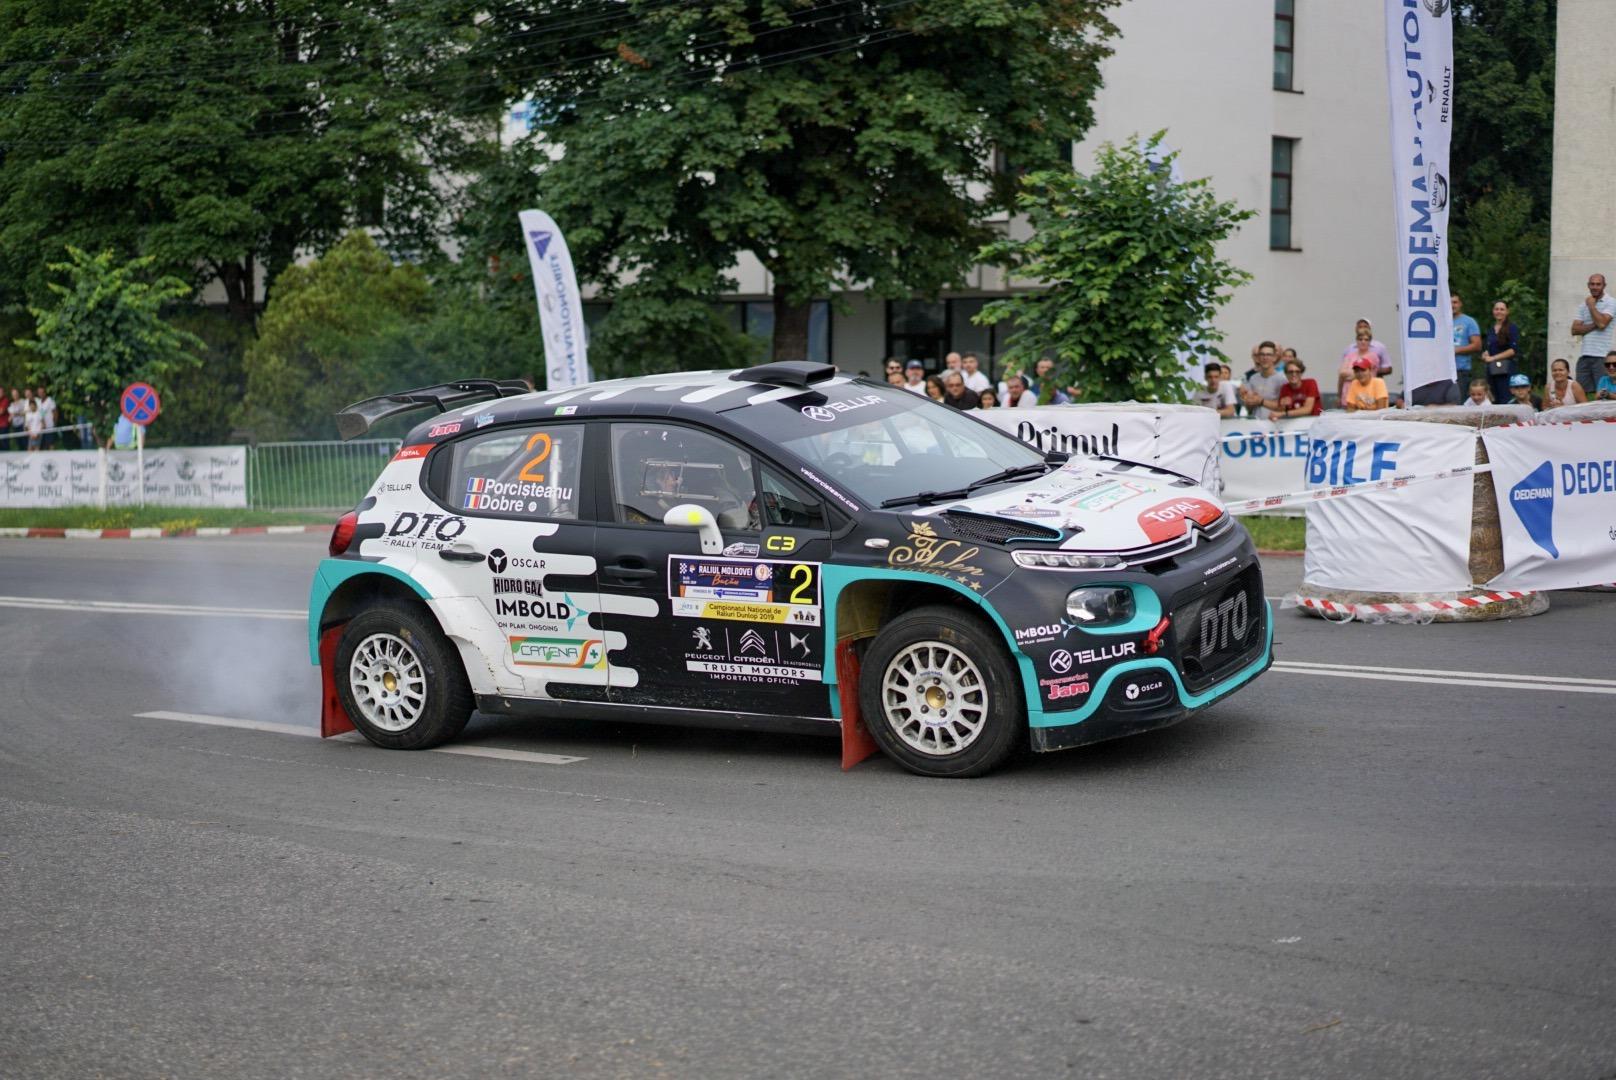 Vali Porcișteanu conduce după prima zi a Raliului Moldovei Bacău powered by Dedeman Automobile